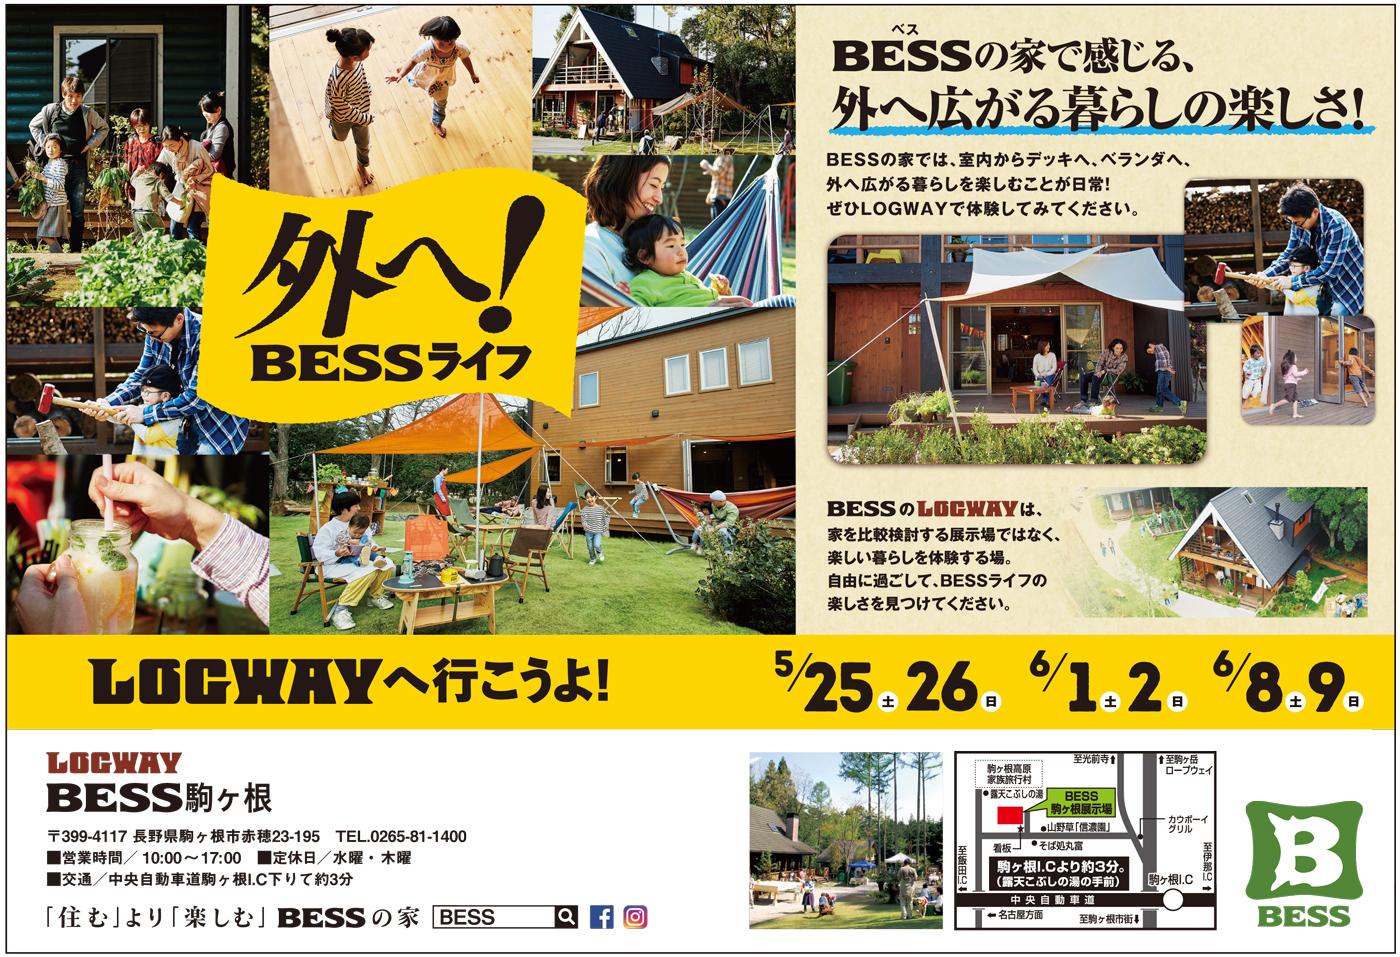 外へ広がる暮らし ベスBESSの家 体感展示場へ行こう!